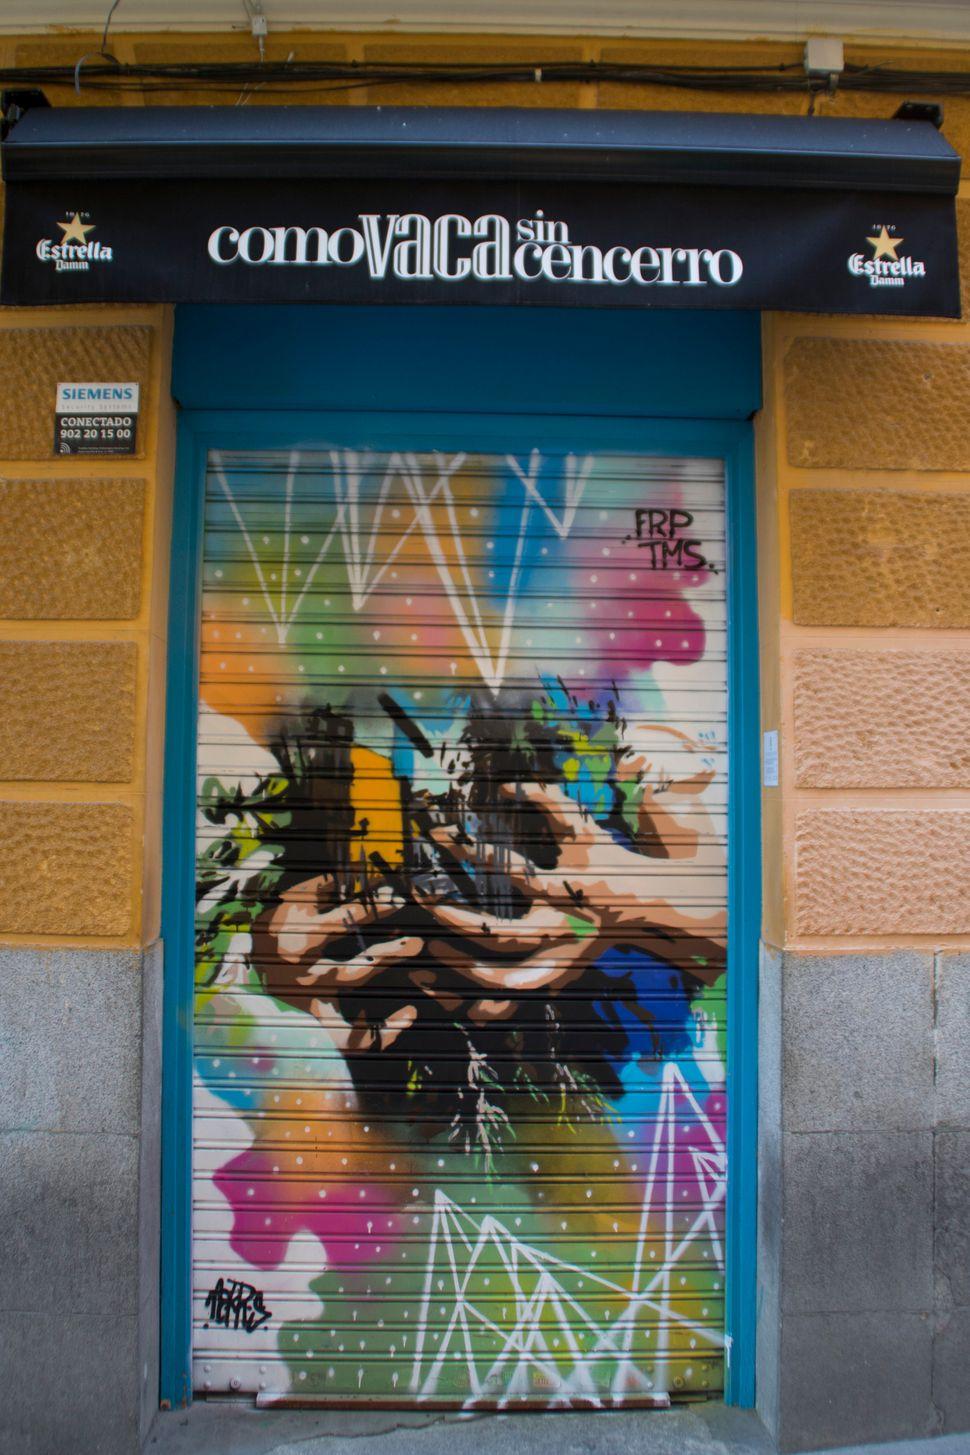 """An artwork by Nekros for the bar <a href=""""https://www.facebook.com/Comovacasincencerro/"""">Como vaca sin cencerro</a>."""